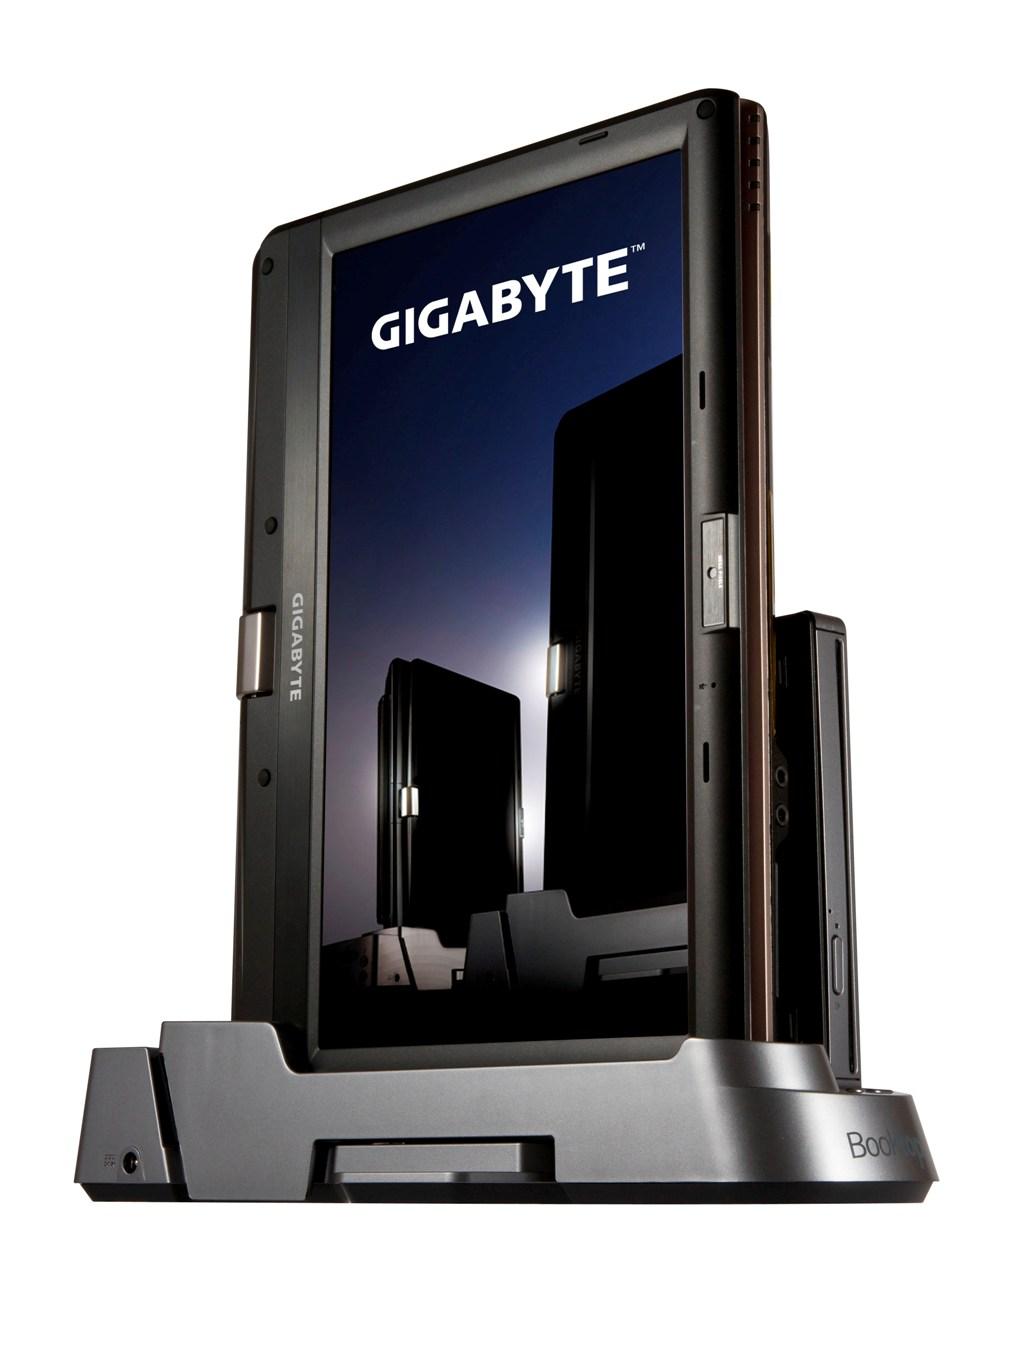 超輕薄雙用觸控平板電腦 / 技嘉科技股份有限公司